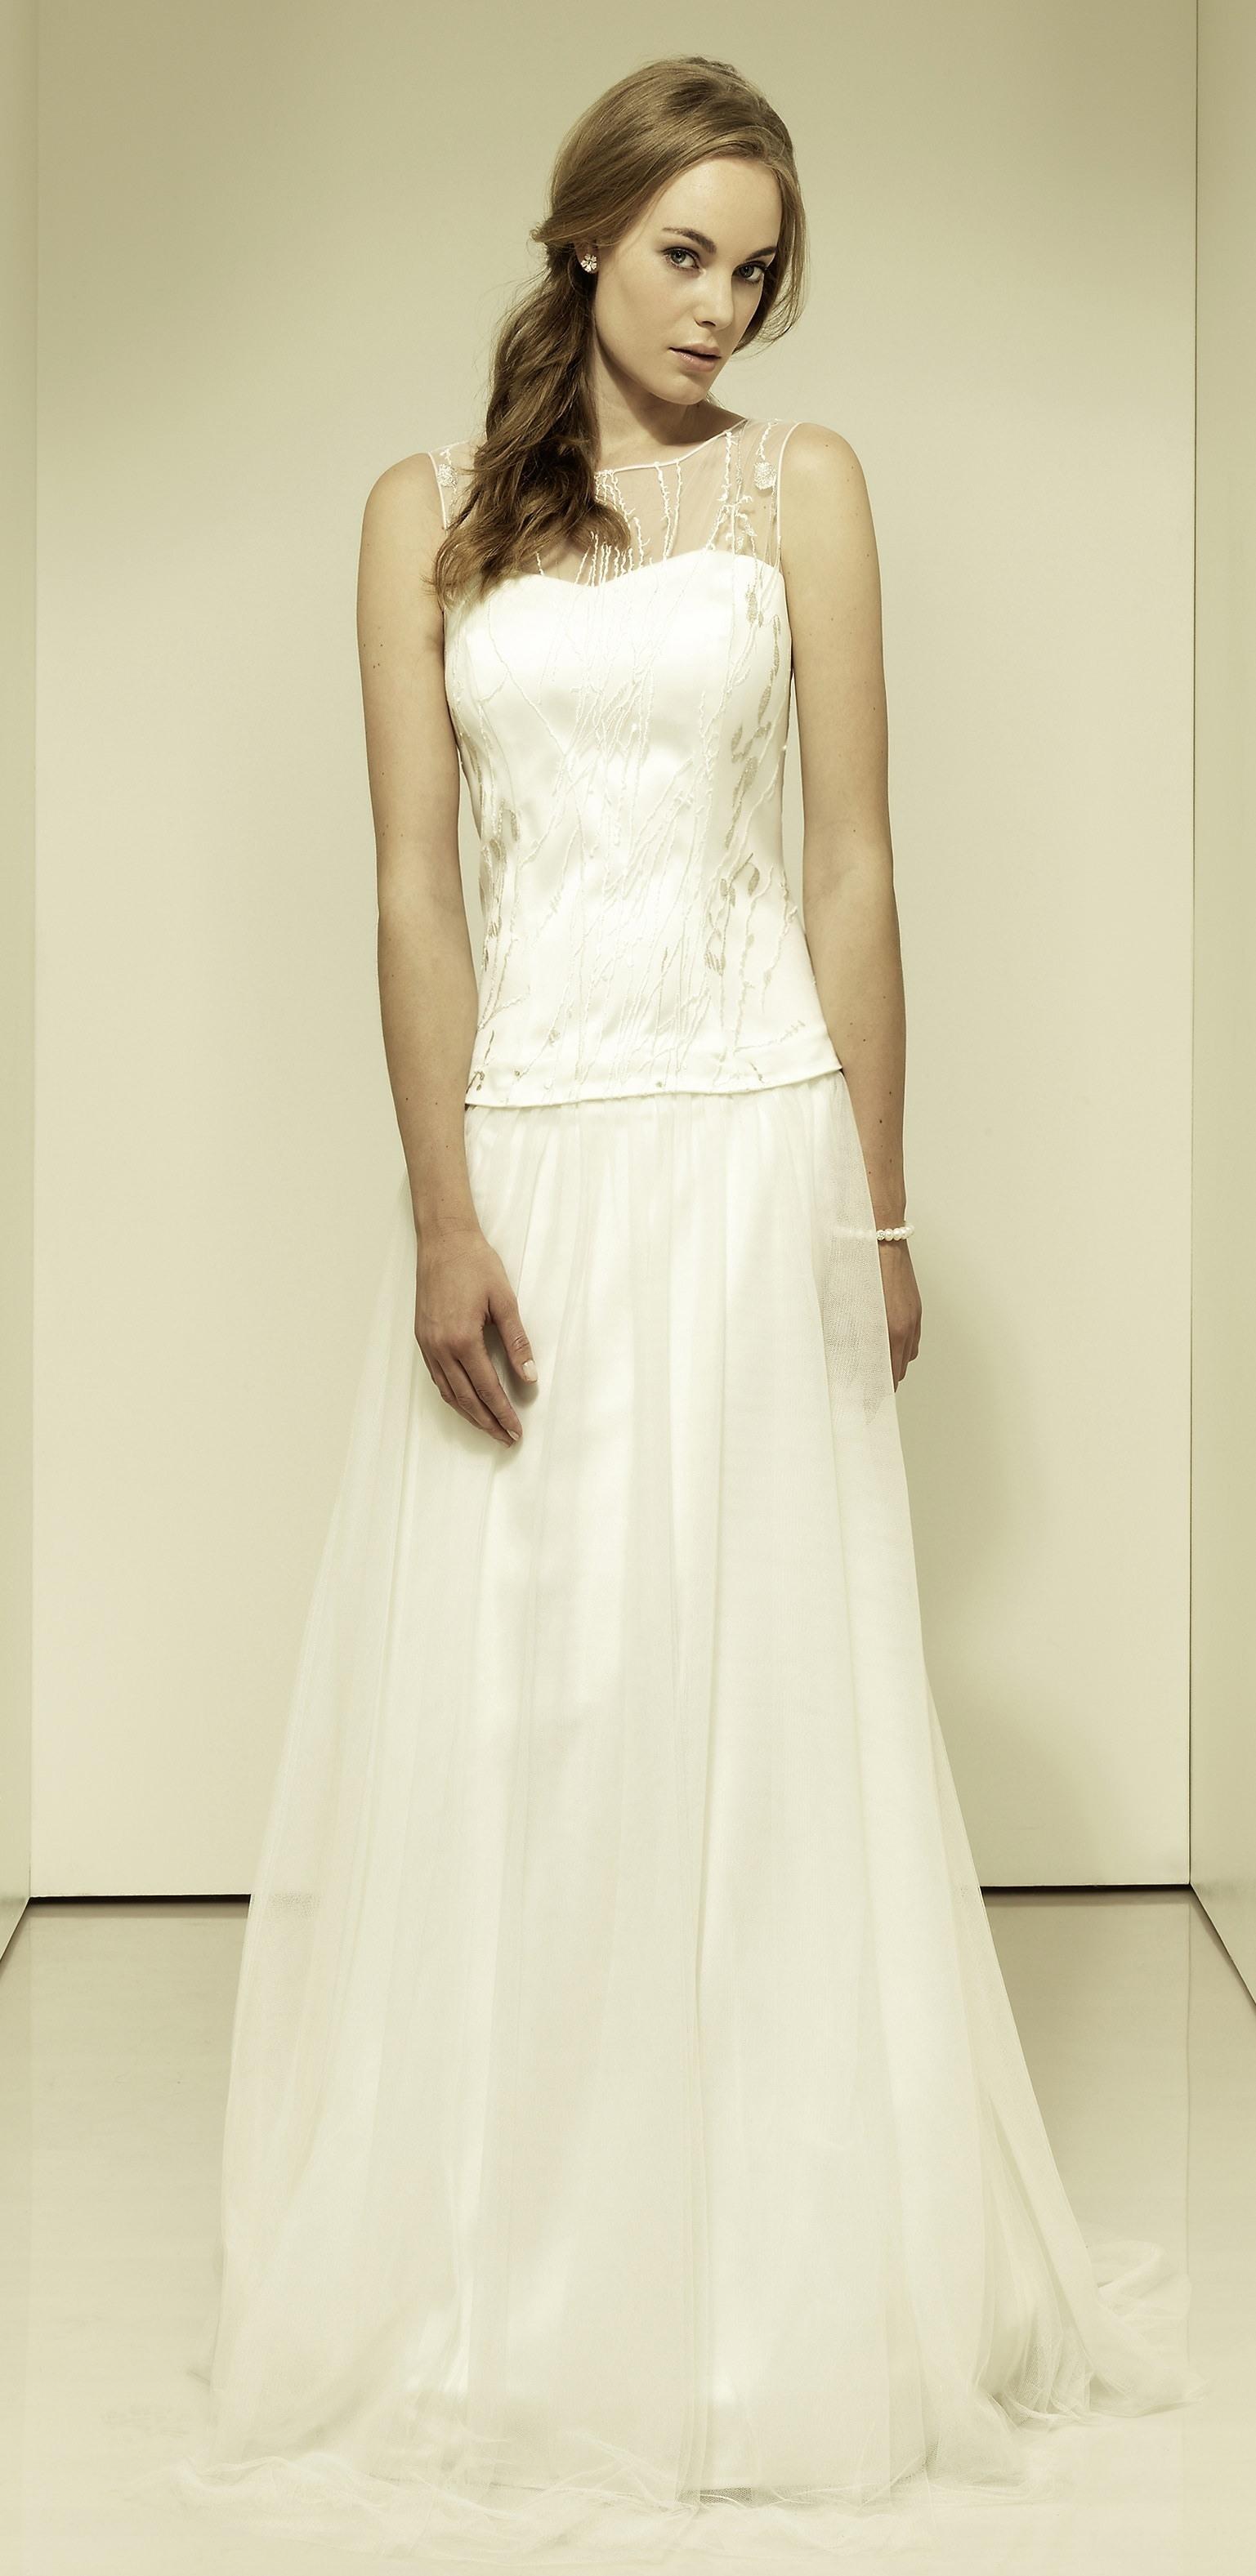 15 Einzigartig Brautmode Online Kaufen Boutique20 Genial Brautmode Online Kaufen Vertrieb